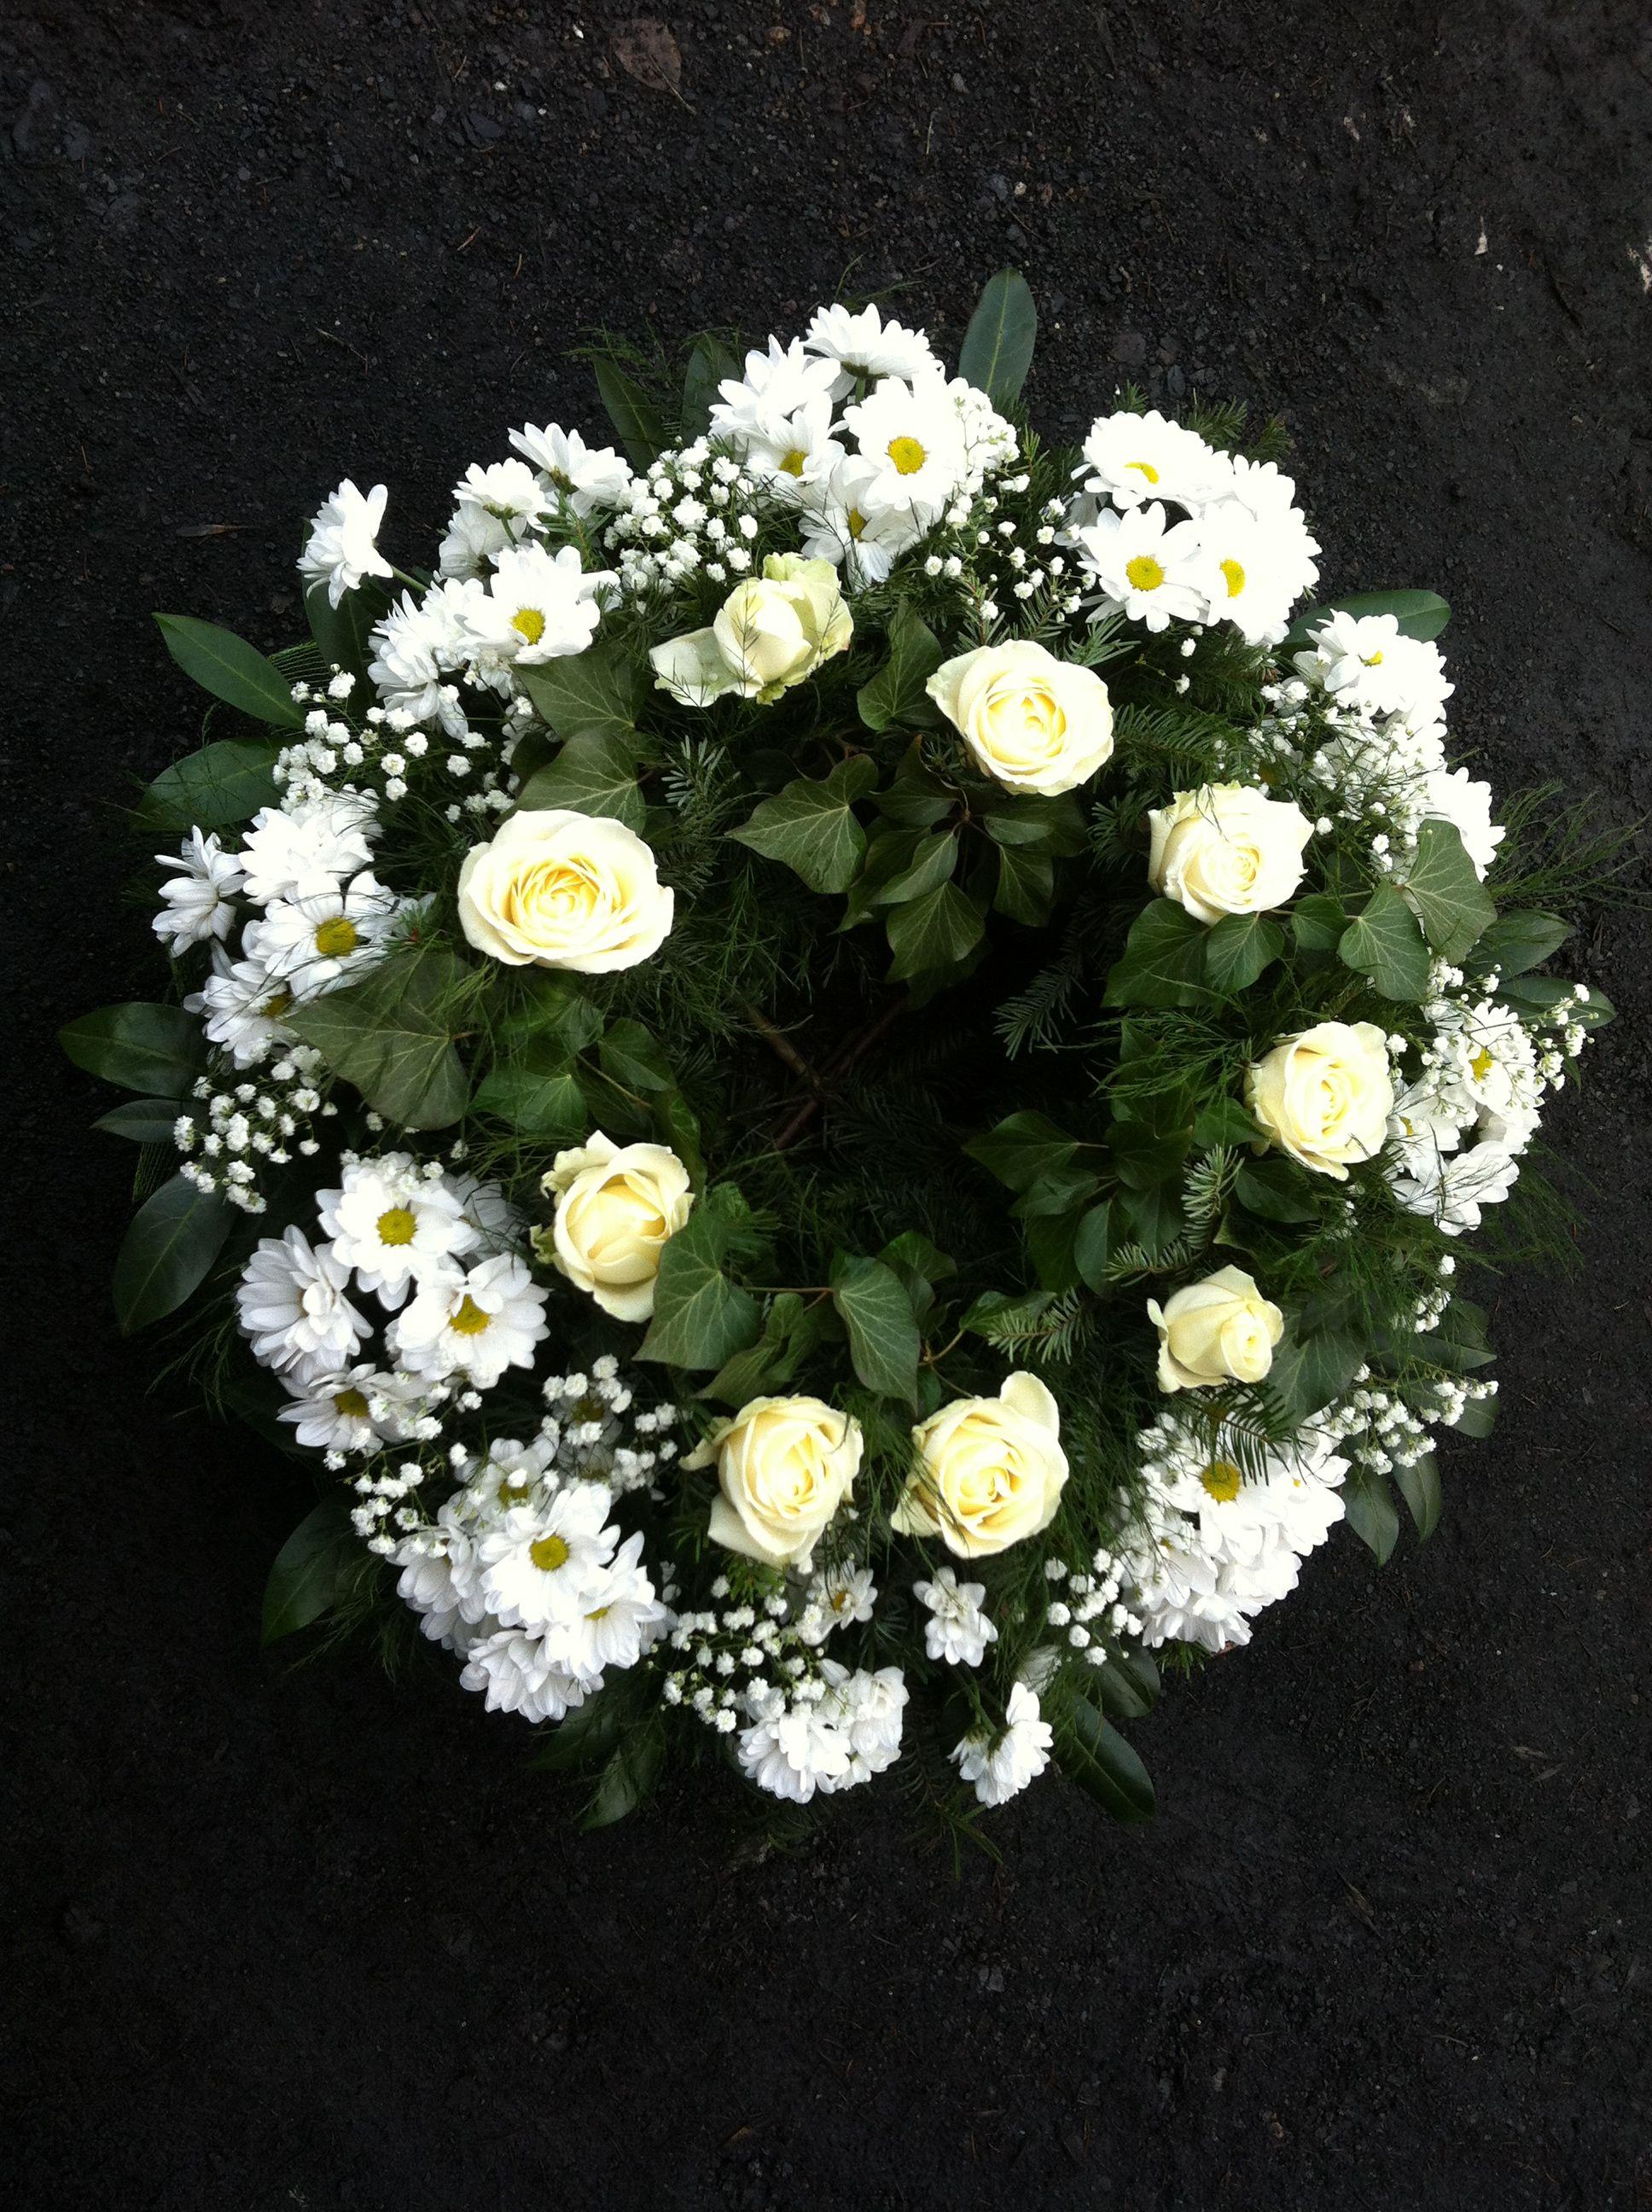 Ogrodnictwo Swiatkowscy Wyroby Pogrzebowe Floral Floral Wreath Wreaths